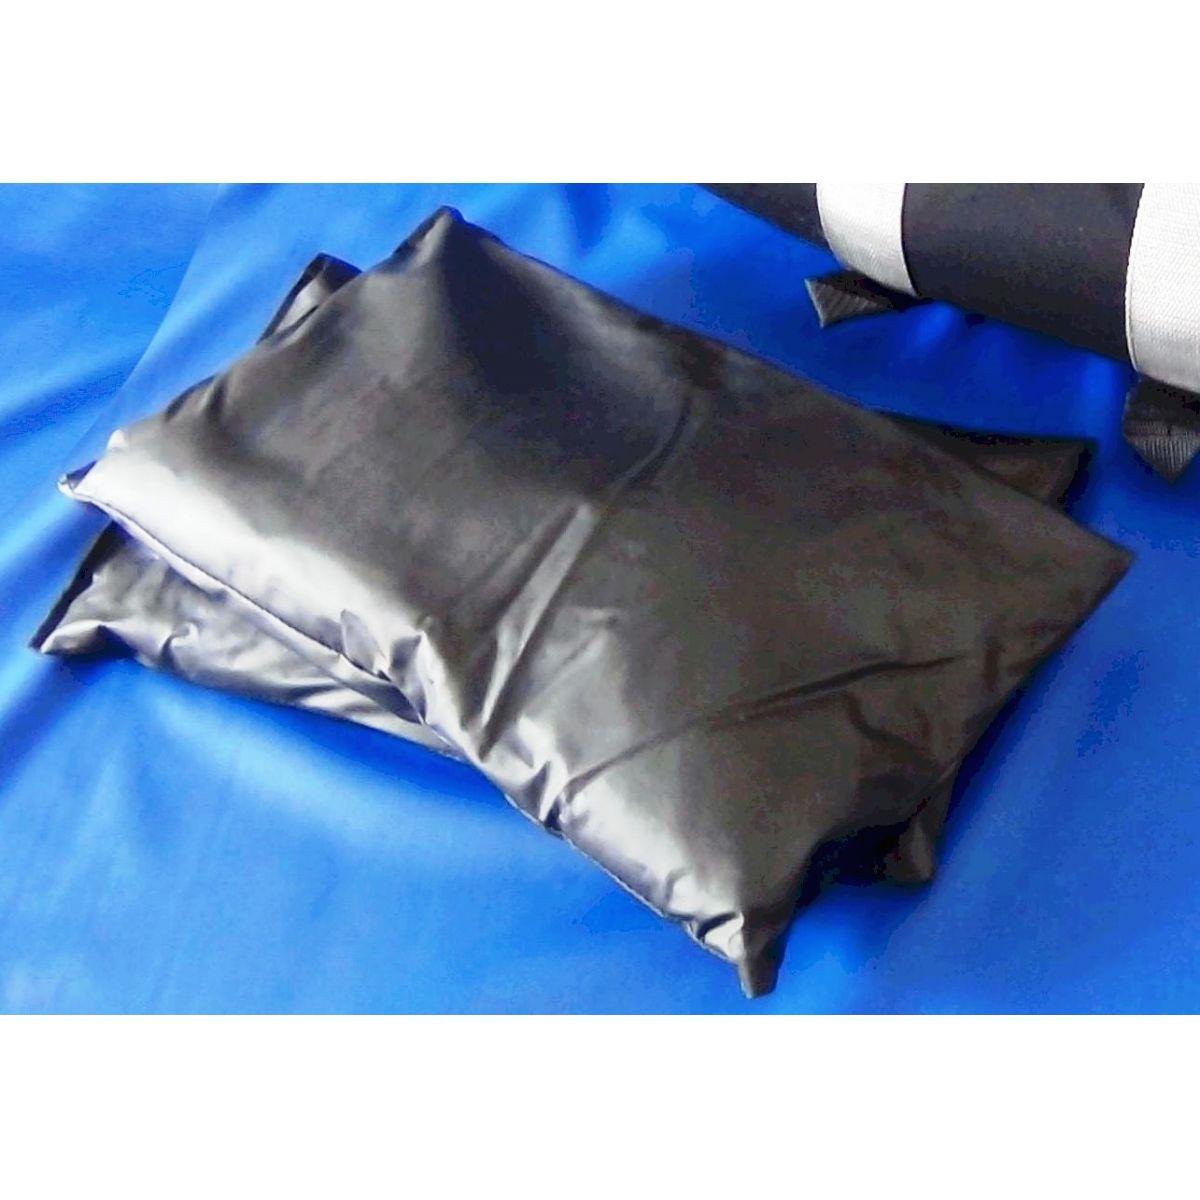 Saco de Espuma para Sandbag Actual®  - Actualsports  Equipamentos Esportivos